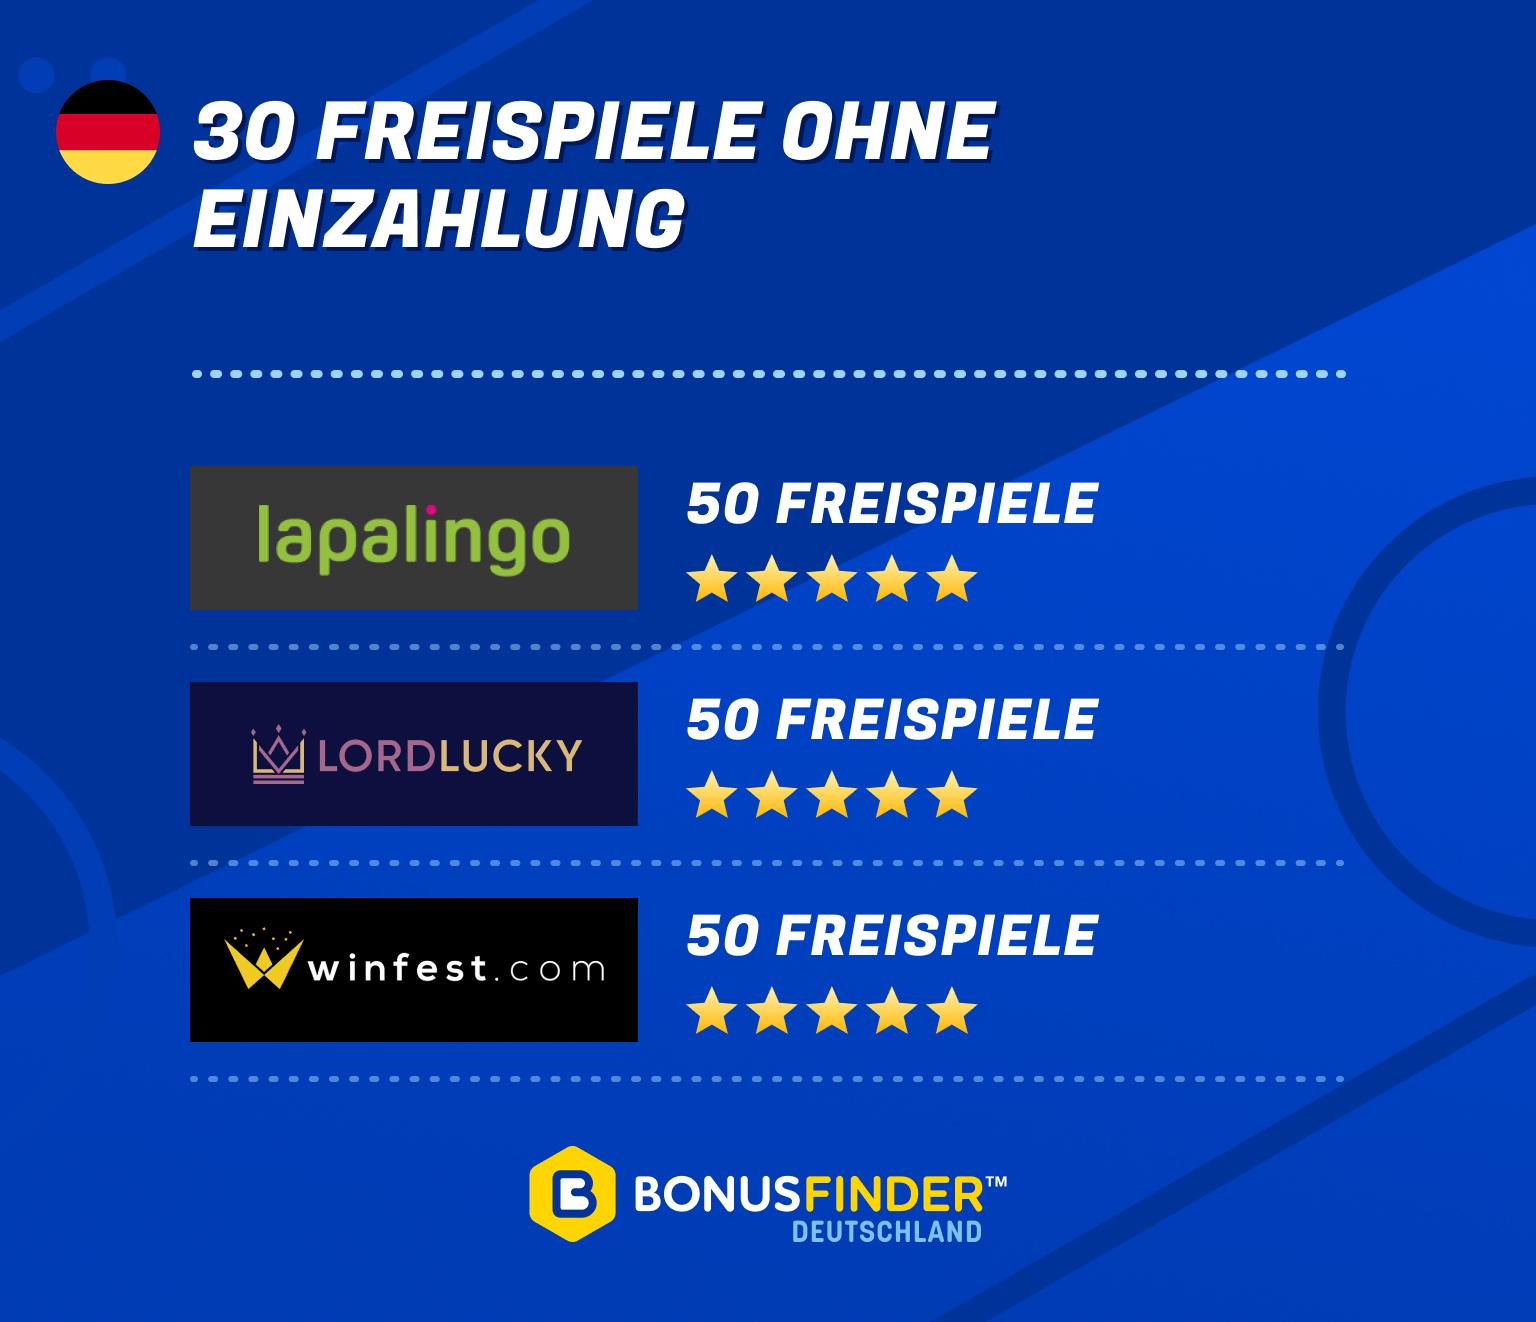 30-freispiele-ohne-einzahlung